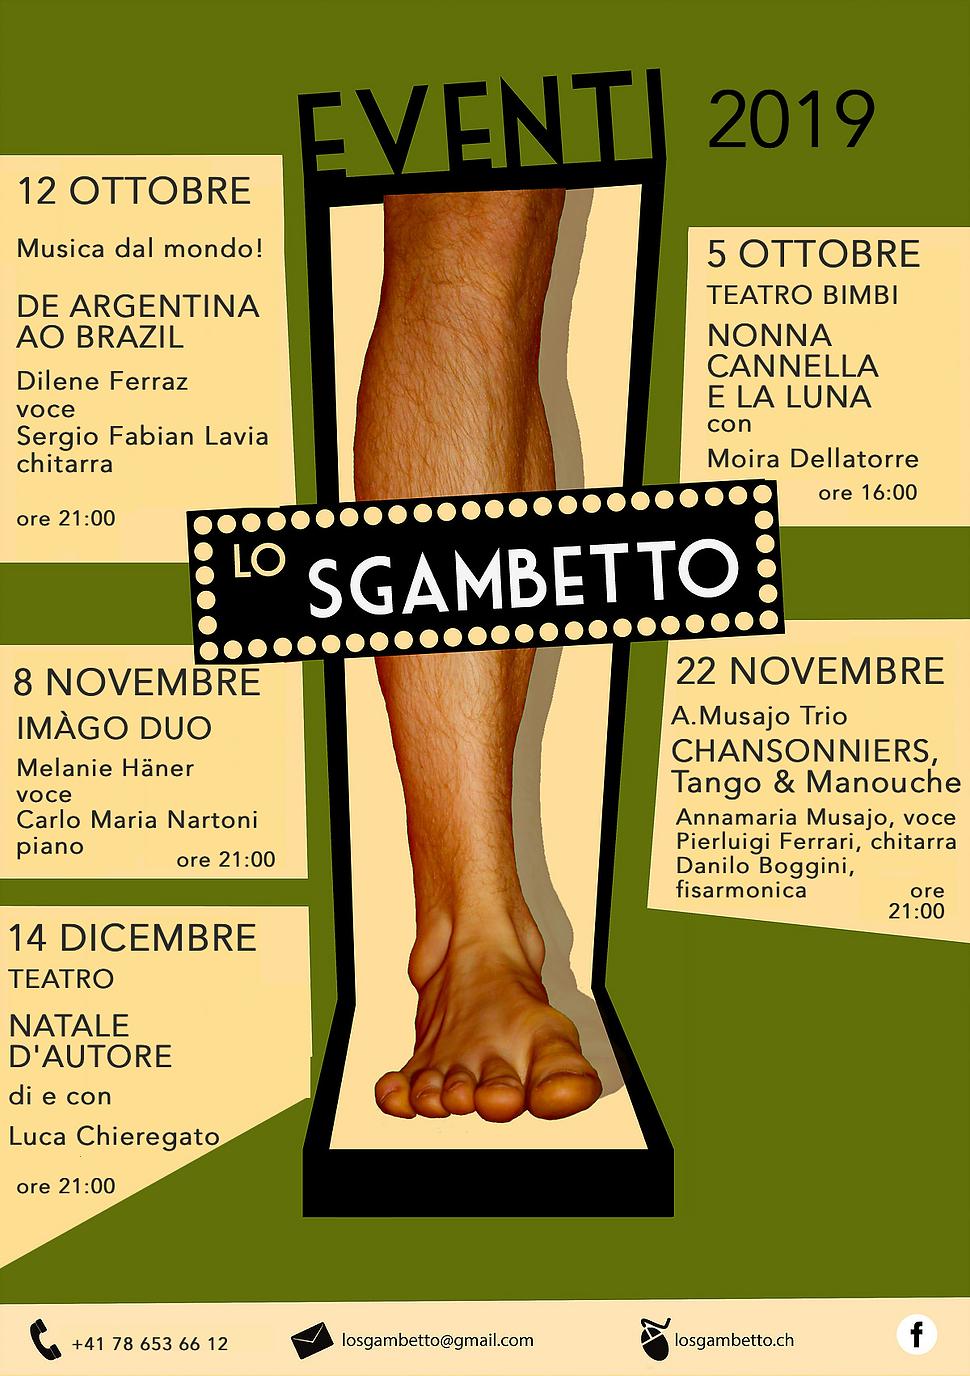 SGAMBETTO CARTELLONE 2019.png